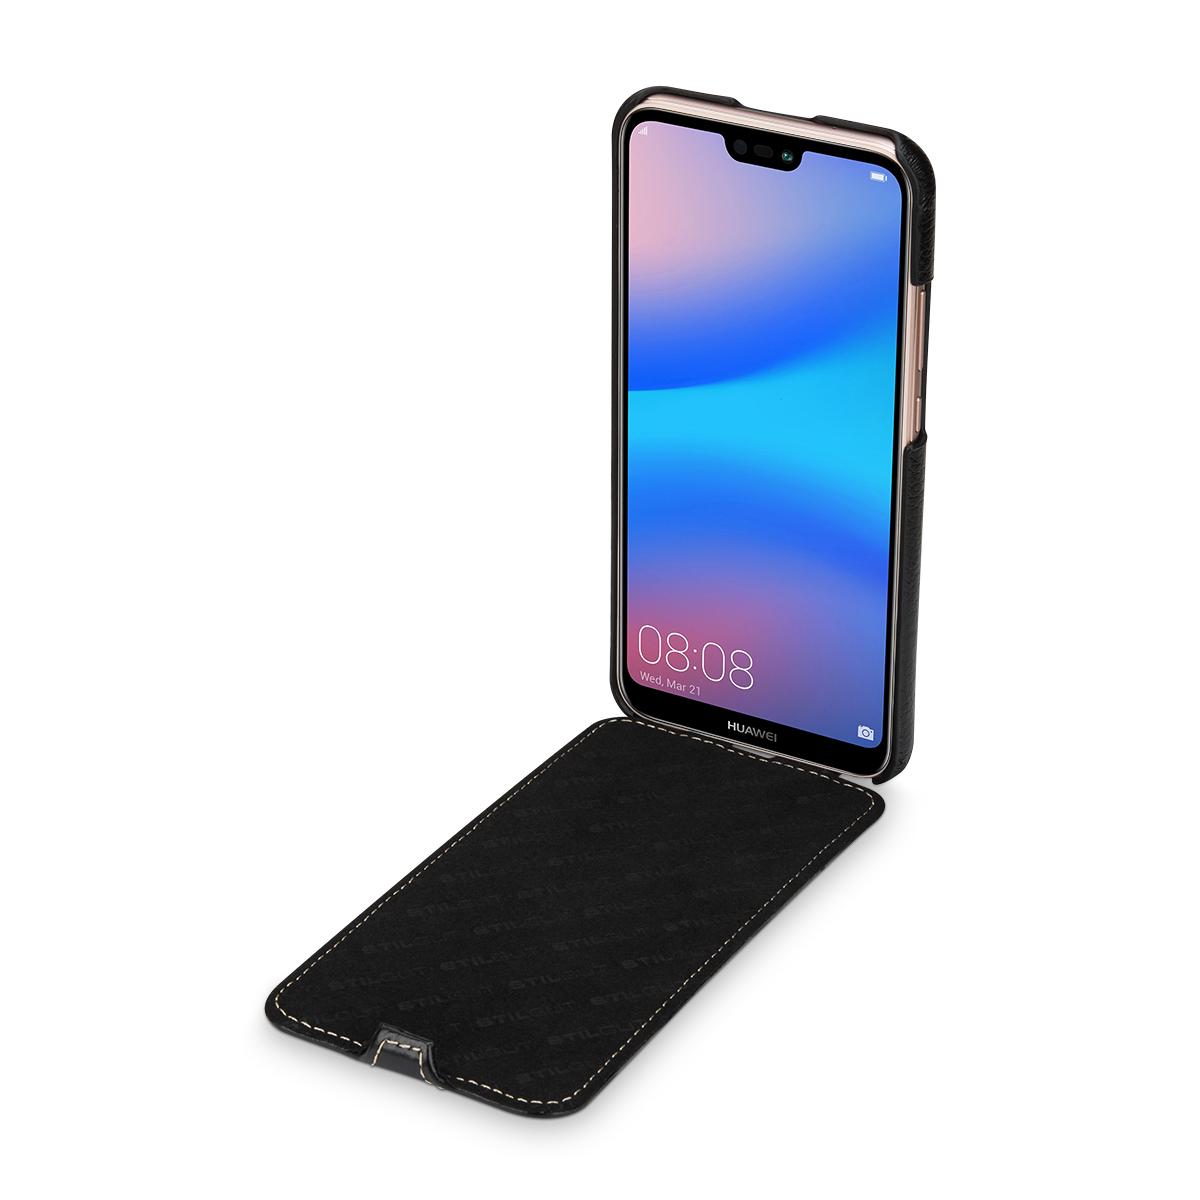 StilGut - Huawei P20 lite Case UltraSlim